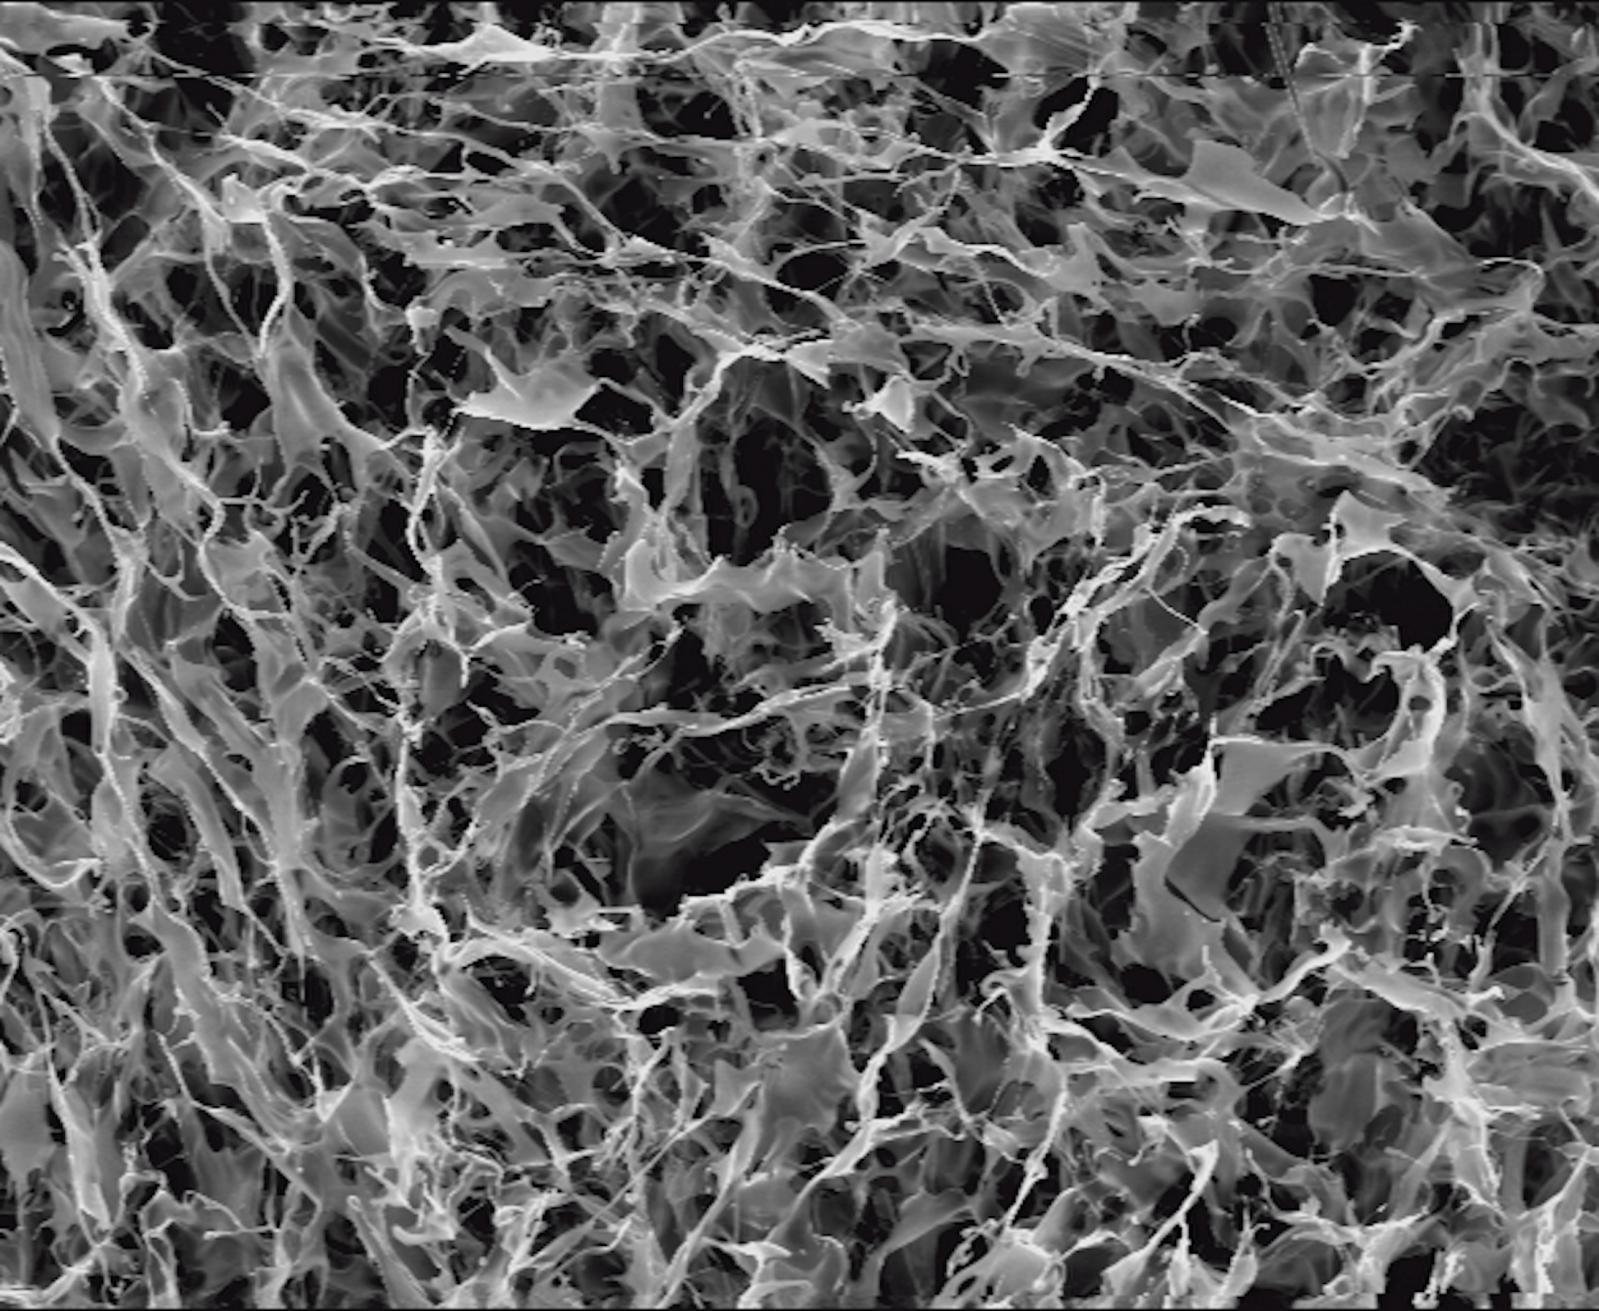 Image capturée par un microscope électronique à balayage (MEB) sur un matériau nano. Courtesy Gabriella Di Carlo